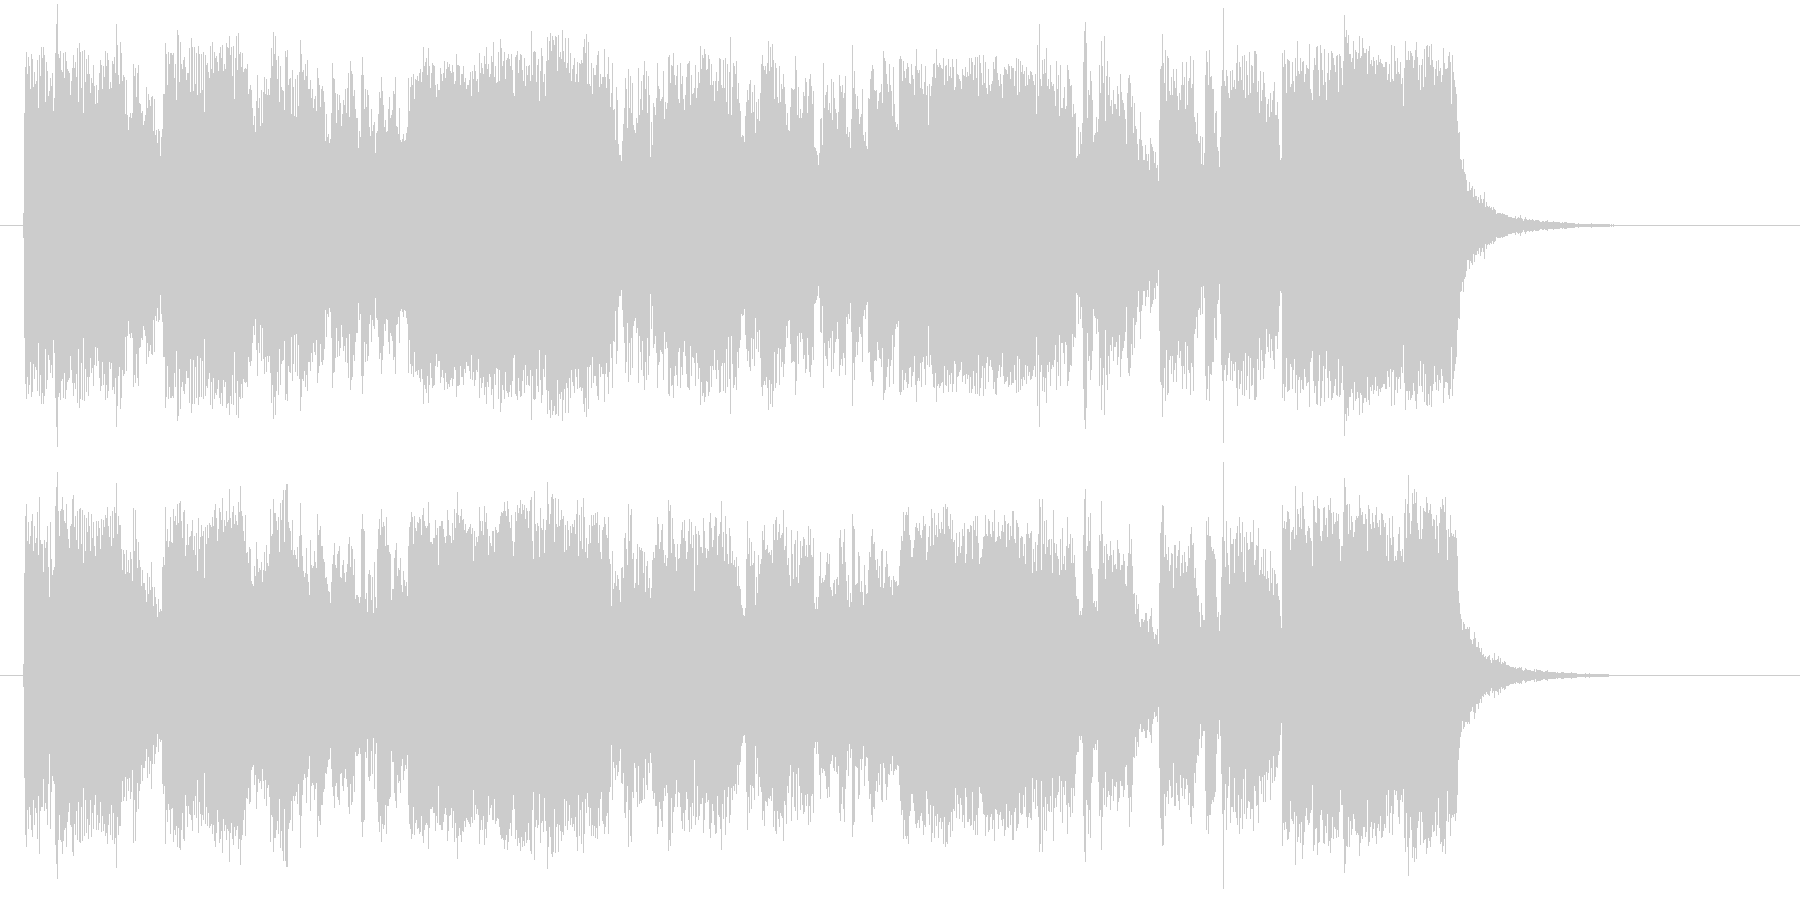 勢いある軽快なトランペットポップジングルの未再生の波形